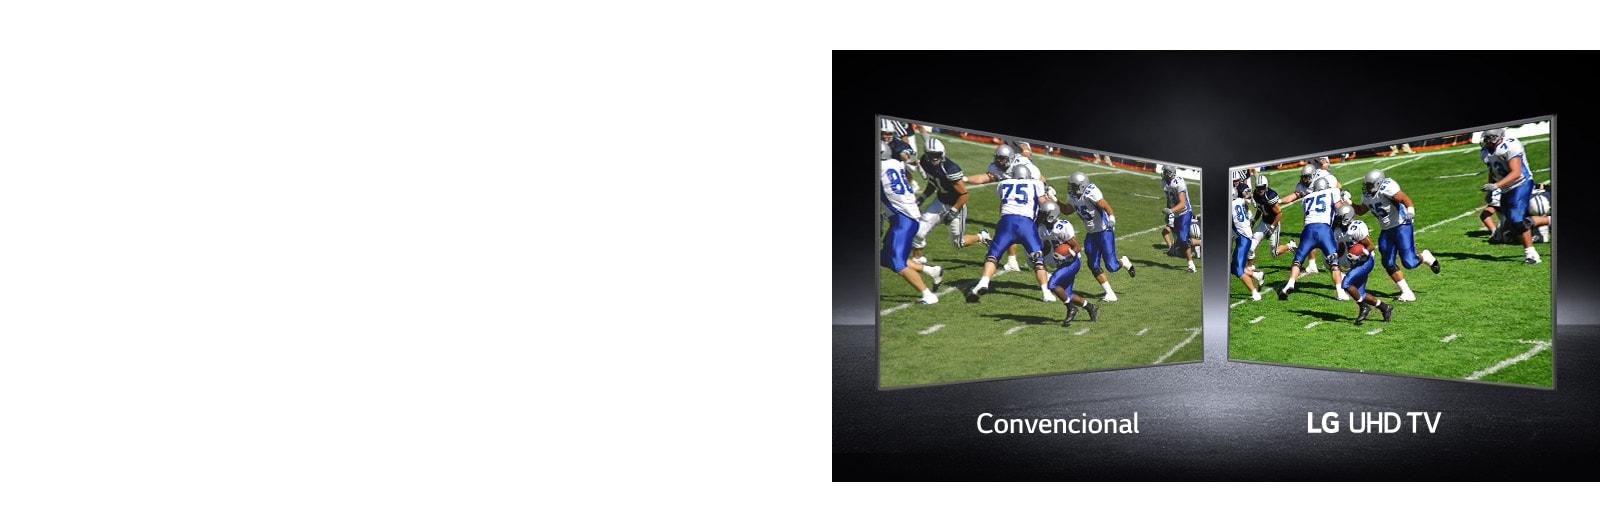 Một hình ảnh của các cầu thủ chơi trên một sân bóng đá được hiển thị trong lượt xem.  Một cái được hiển thị trên màn hình thông thường và cái còn lại trên TV UHD.